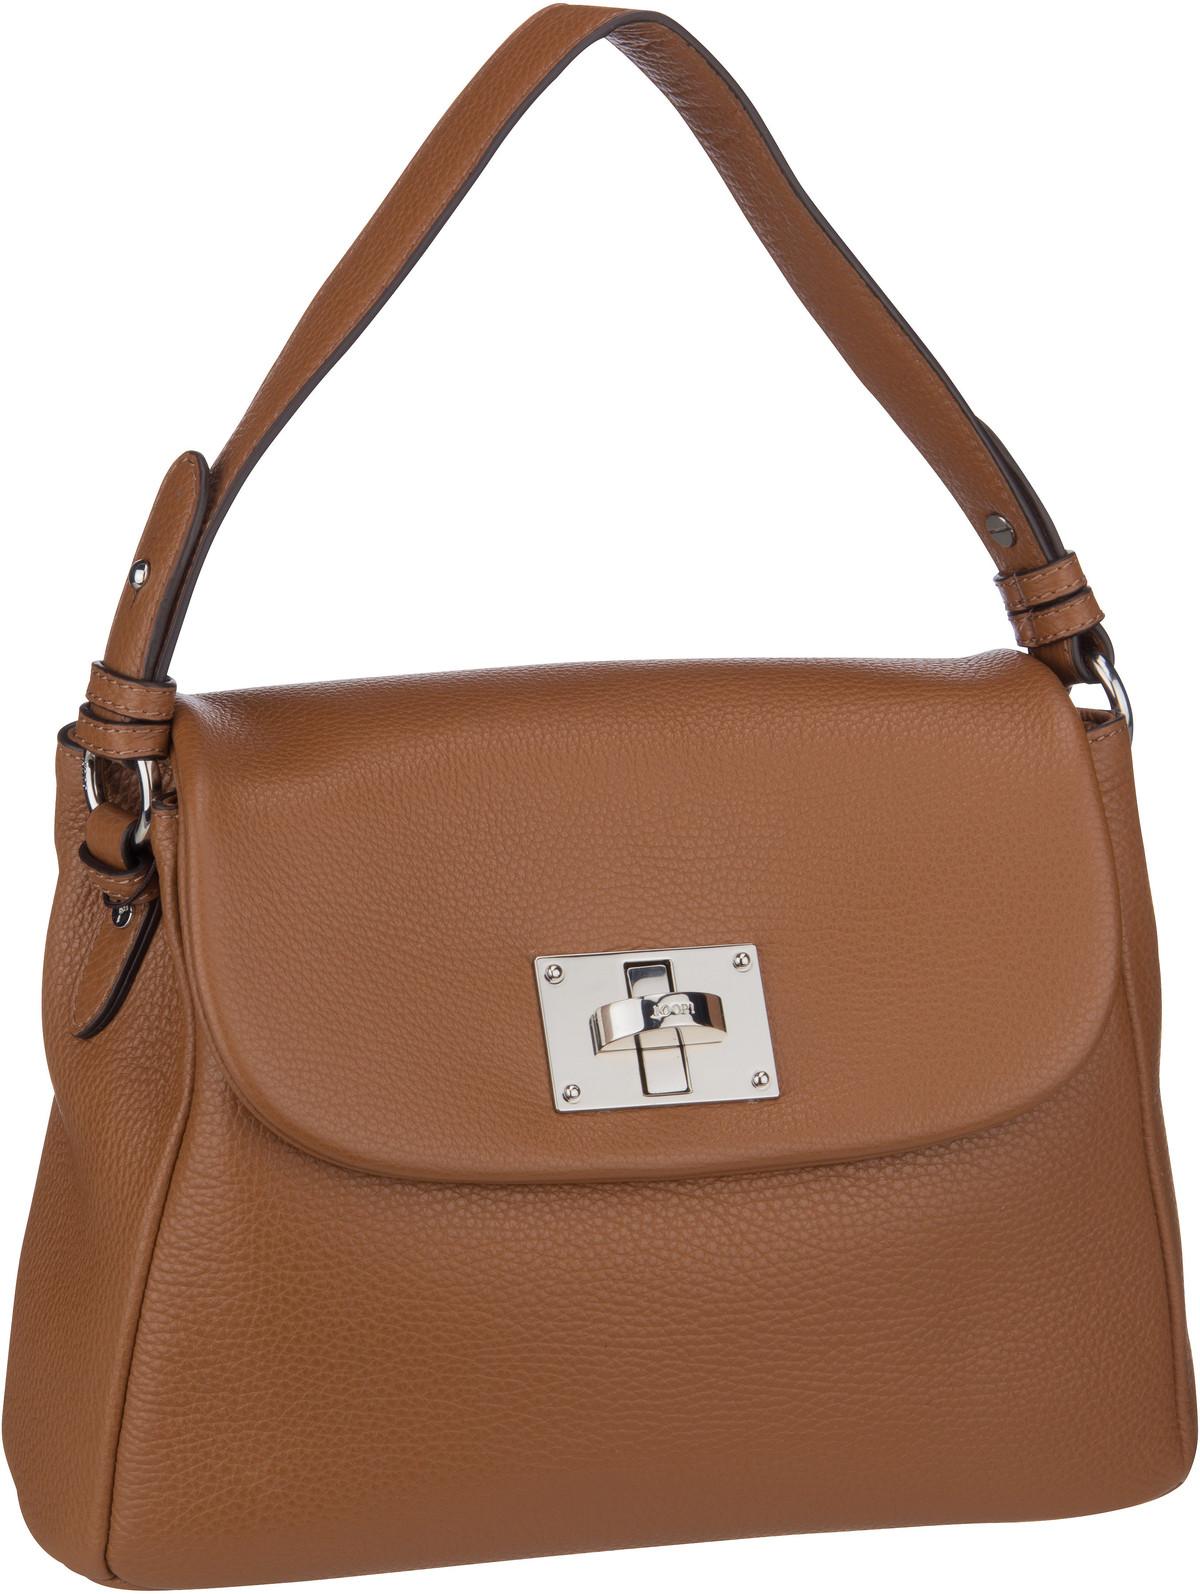 Handtasche Chiara Mila ShoulderBag MHF Cognac